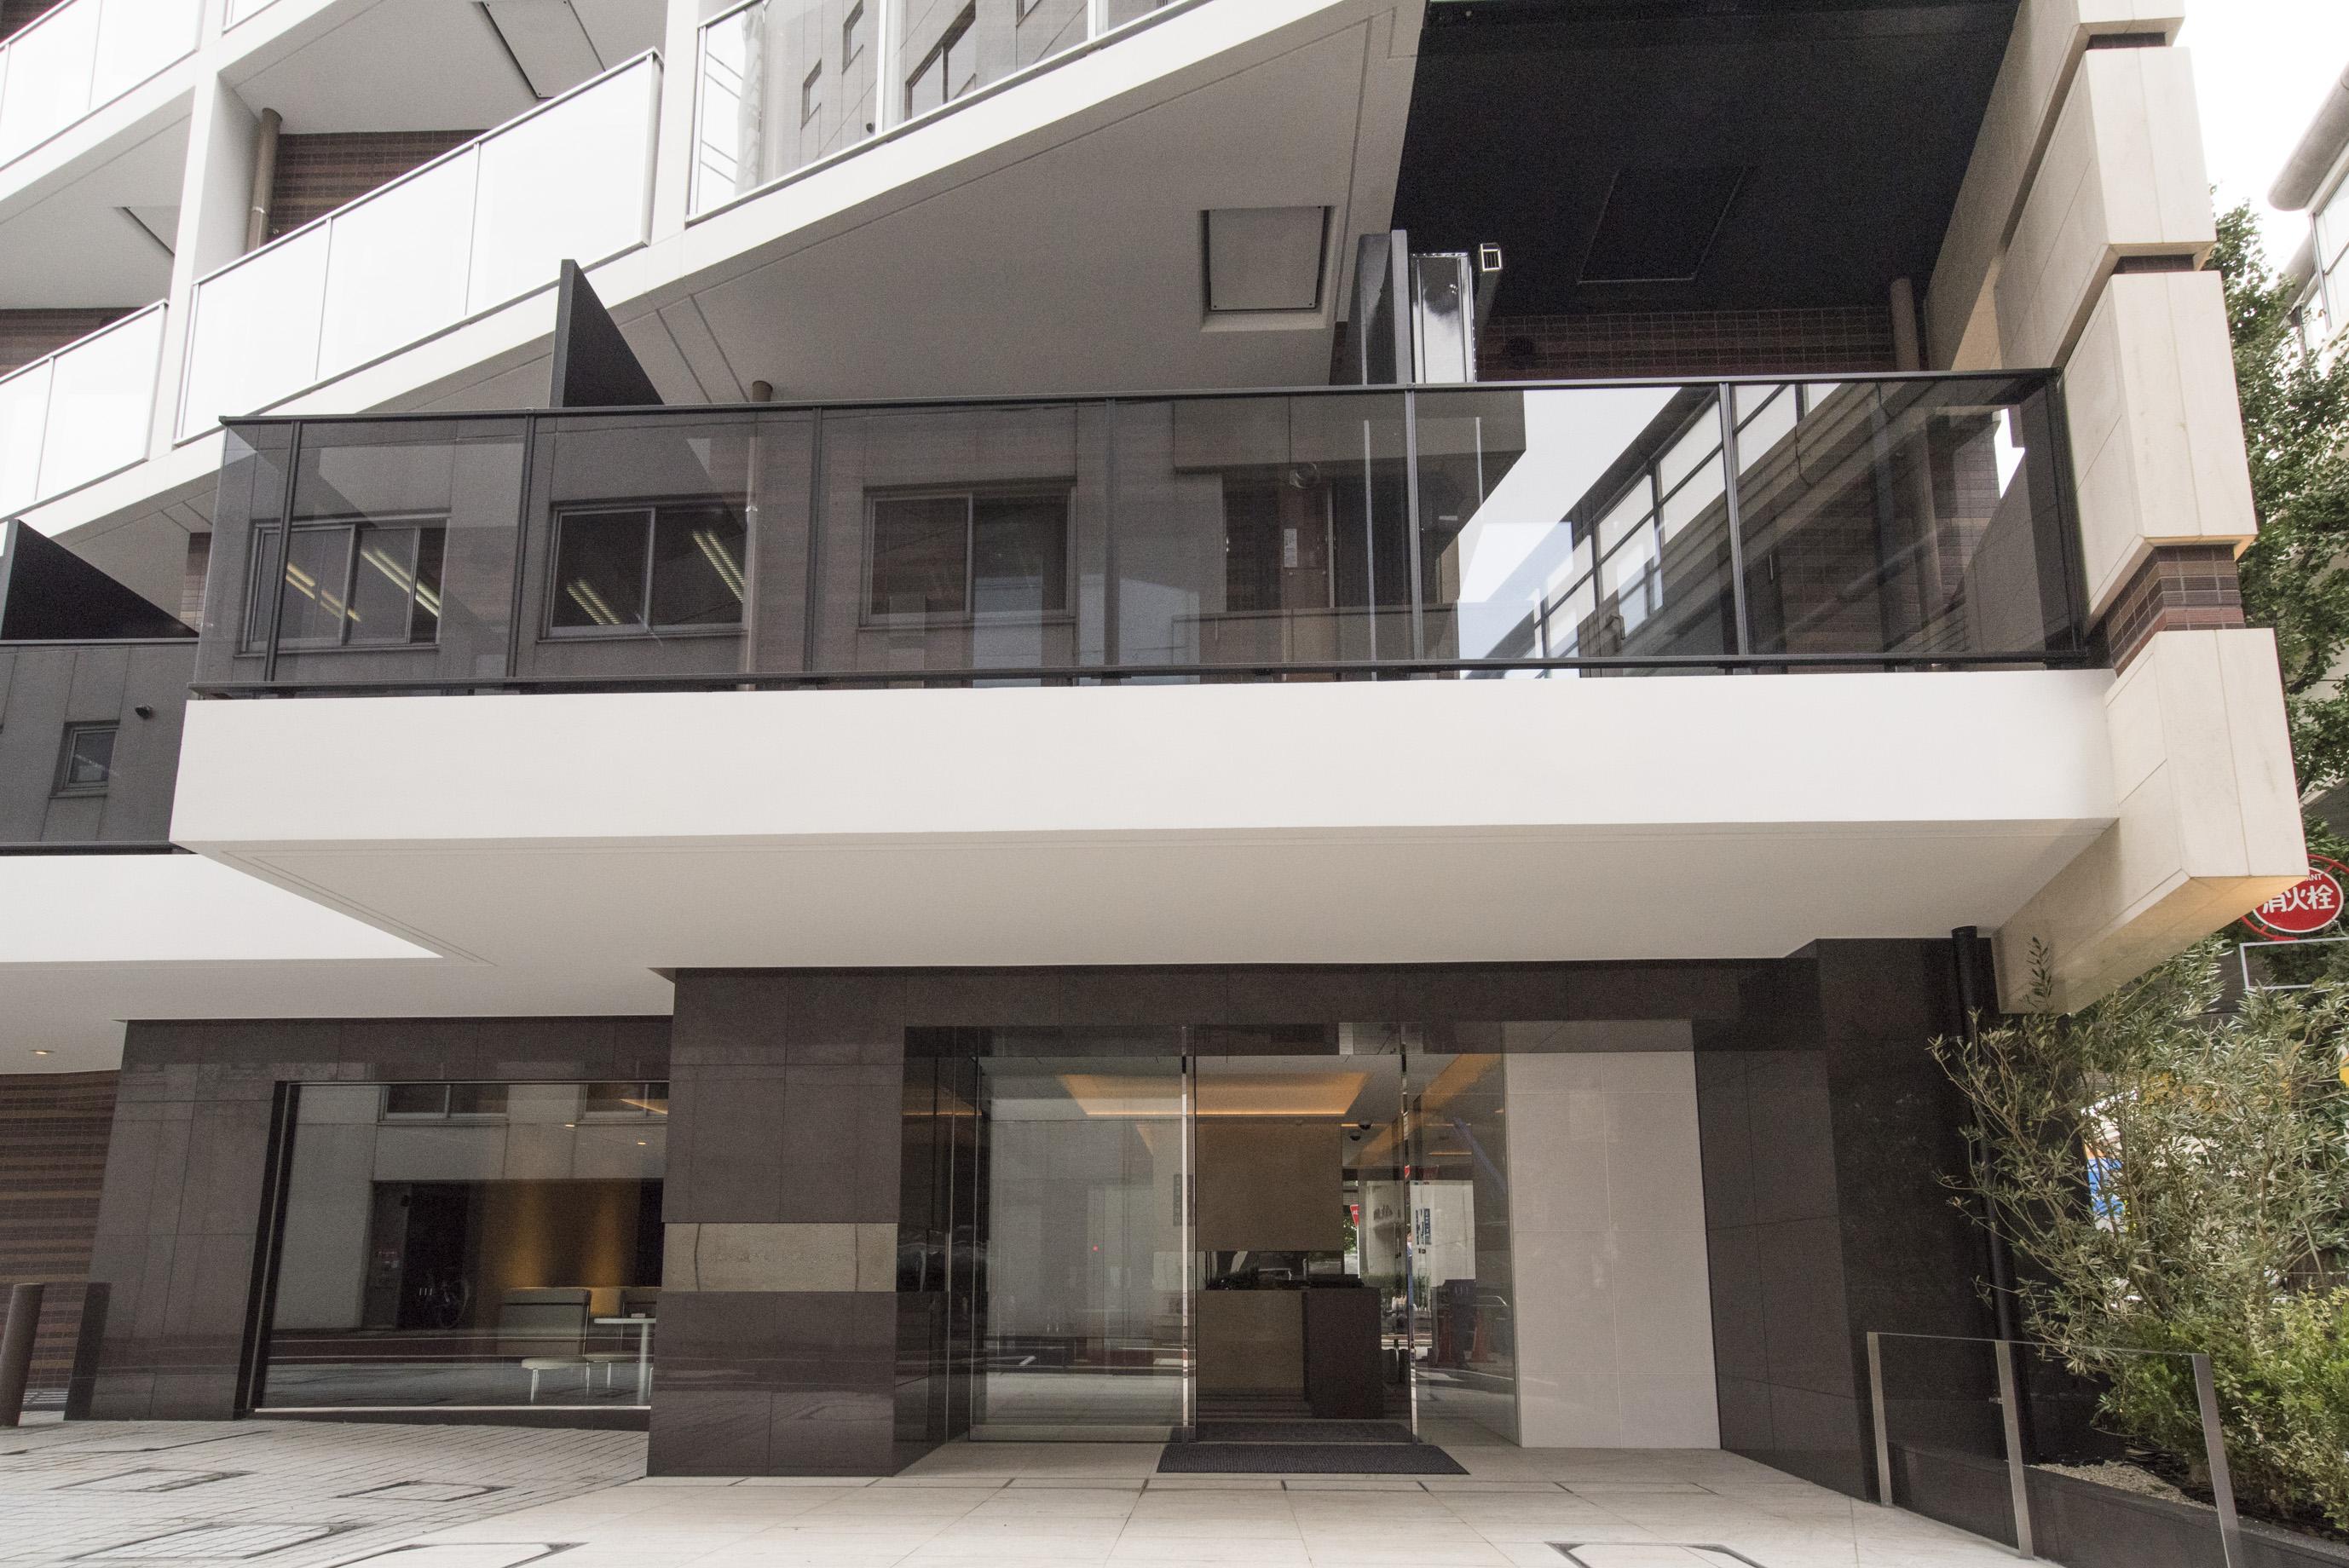 【SUUMO】東京都渋谷区の賃貸(賃貸マンション・ …